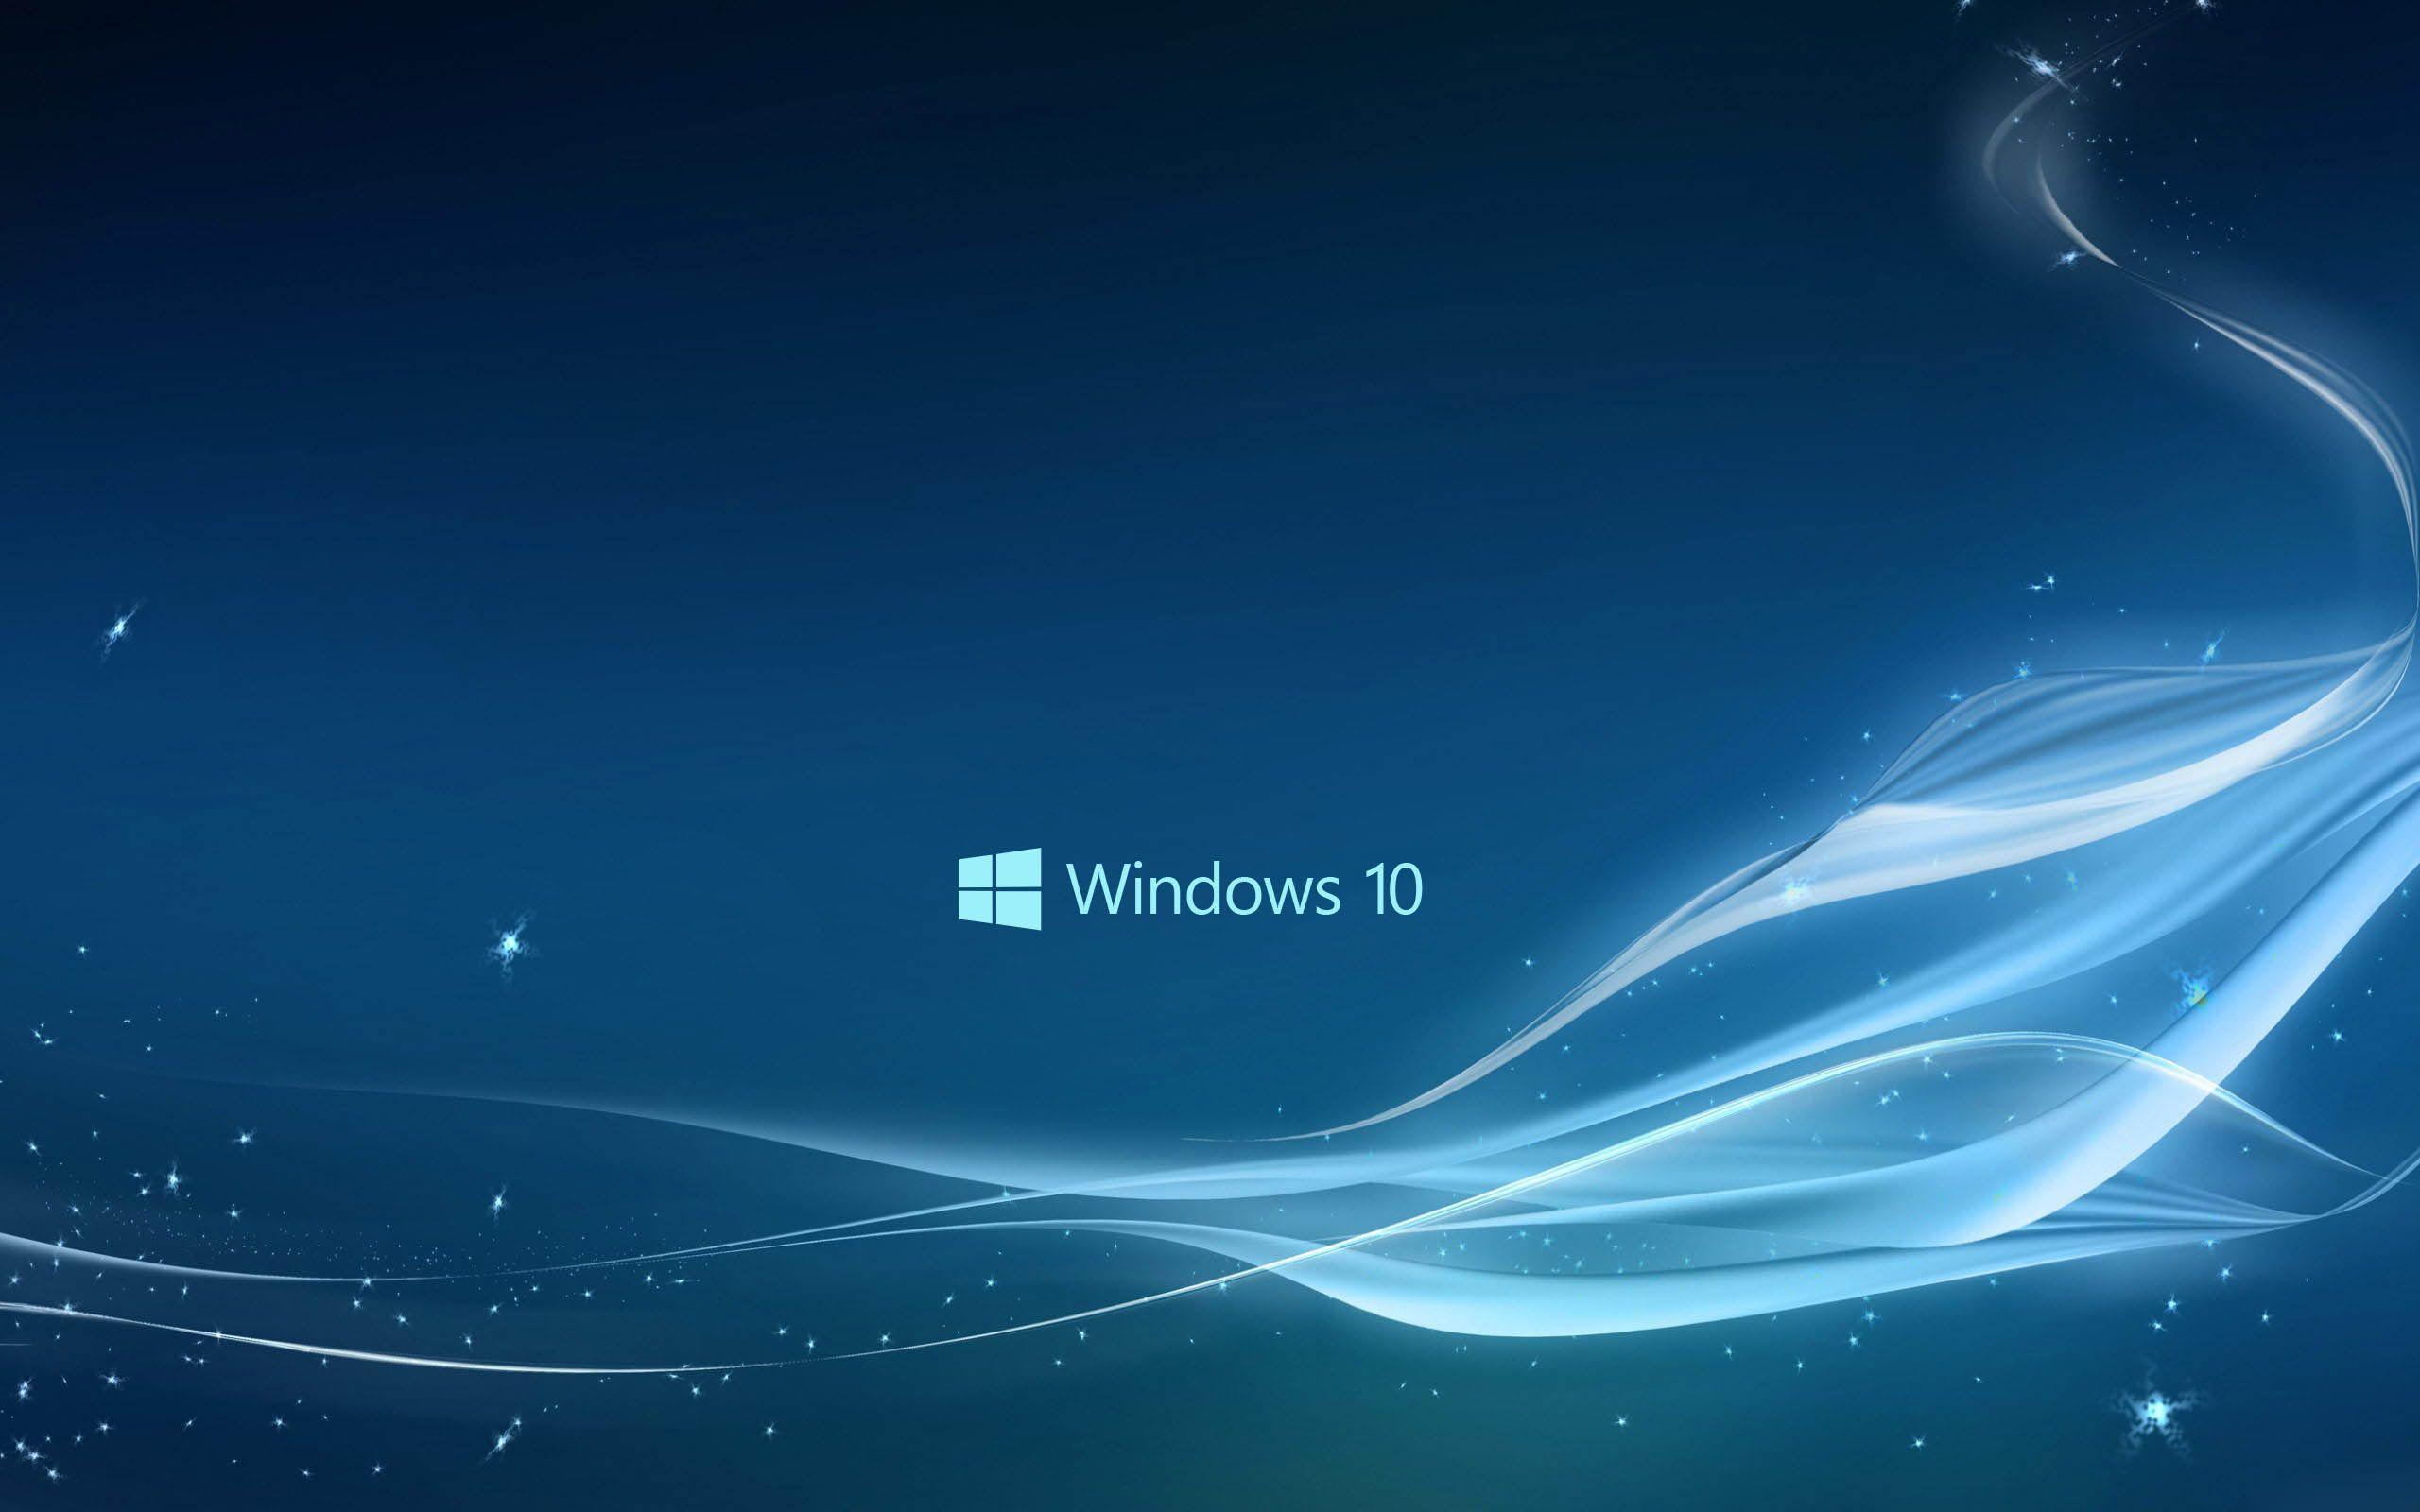 windows 10 wallpapers desktop - http://wallucky/windows-10